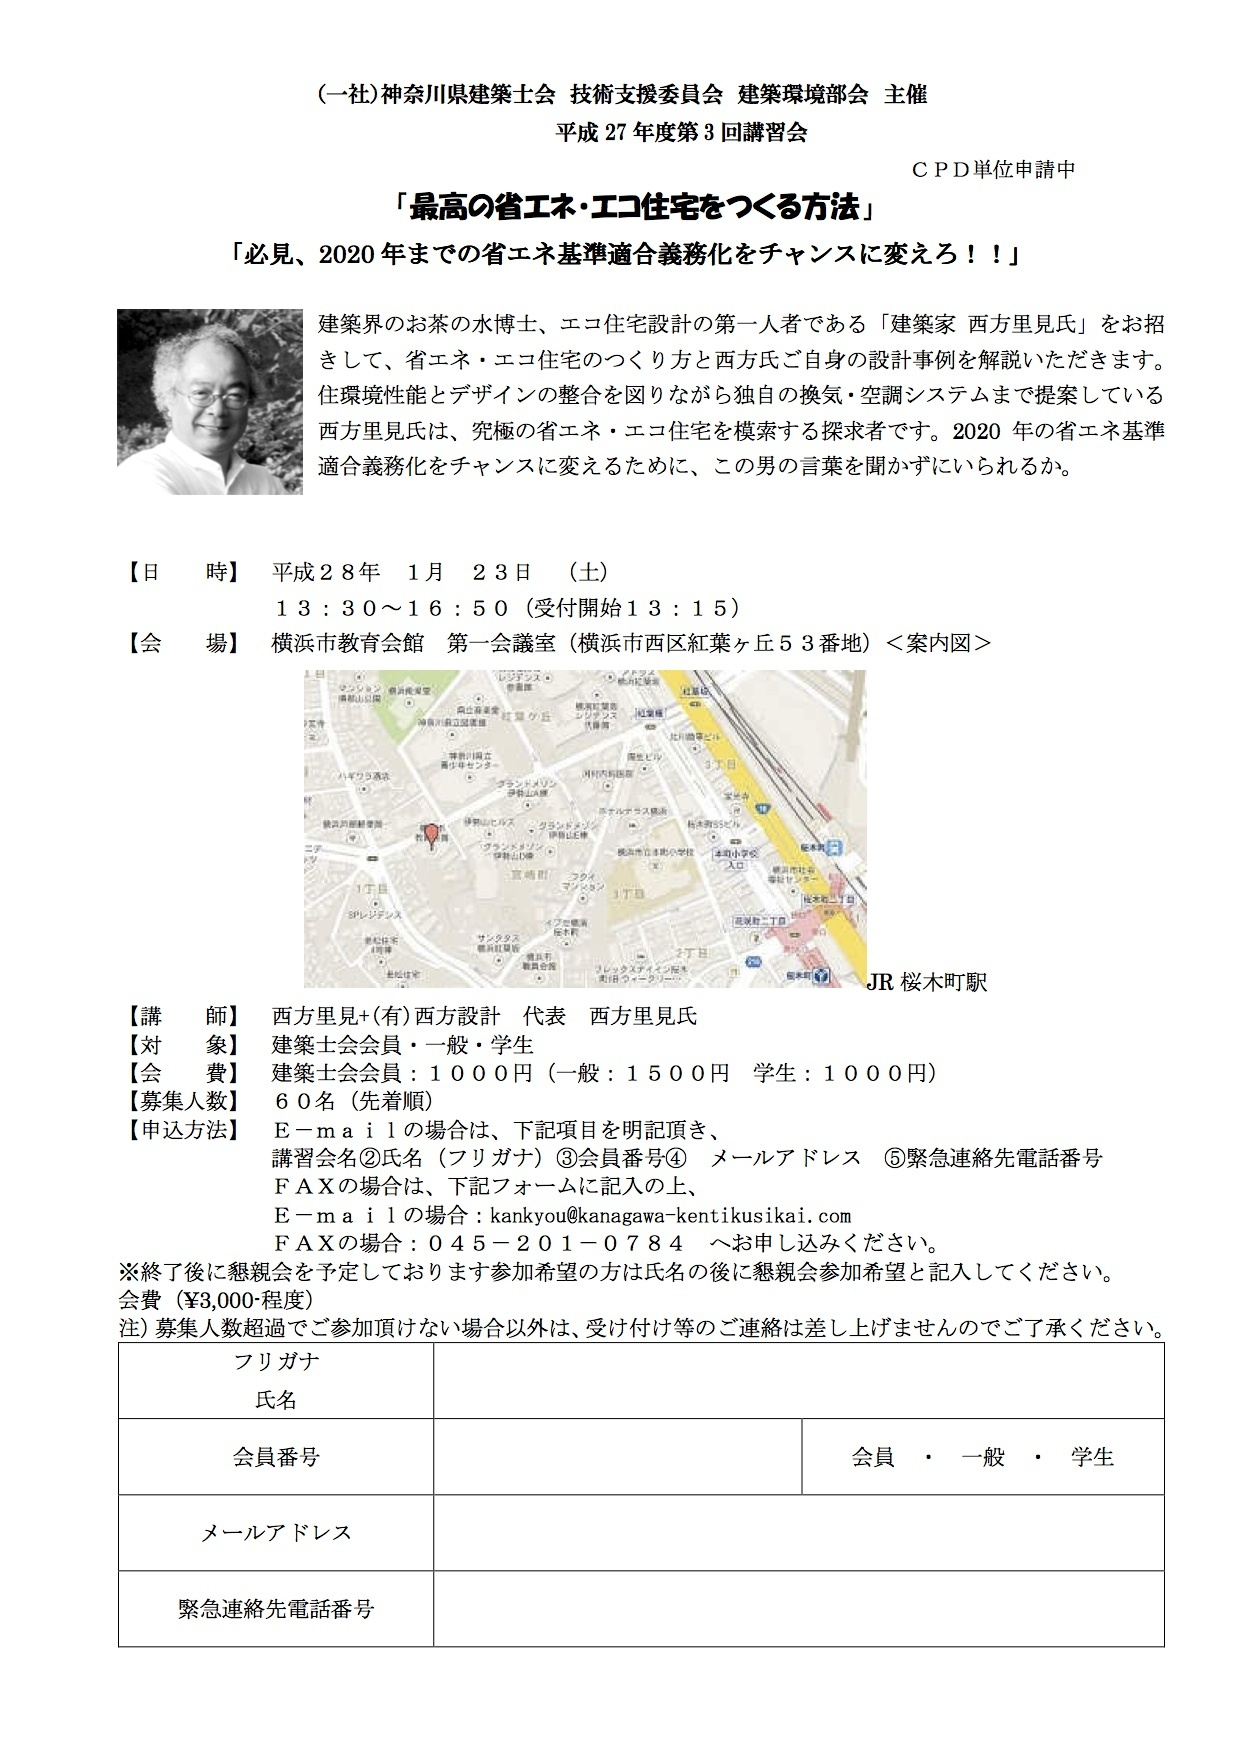 明日23日午後横浜市でセミナー講師_e0054299_15401977.jpg